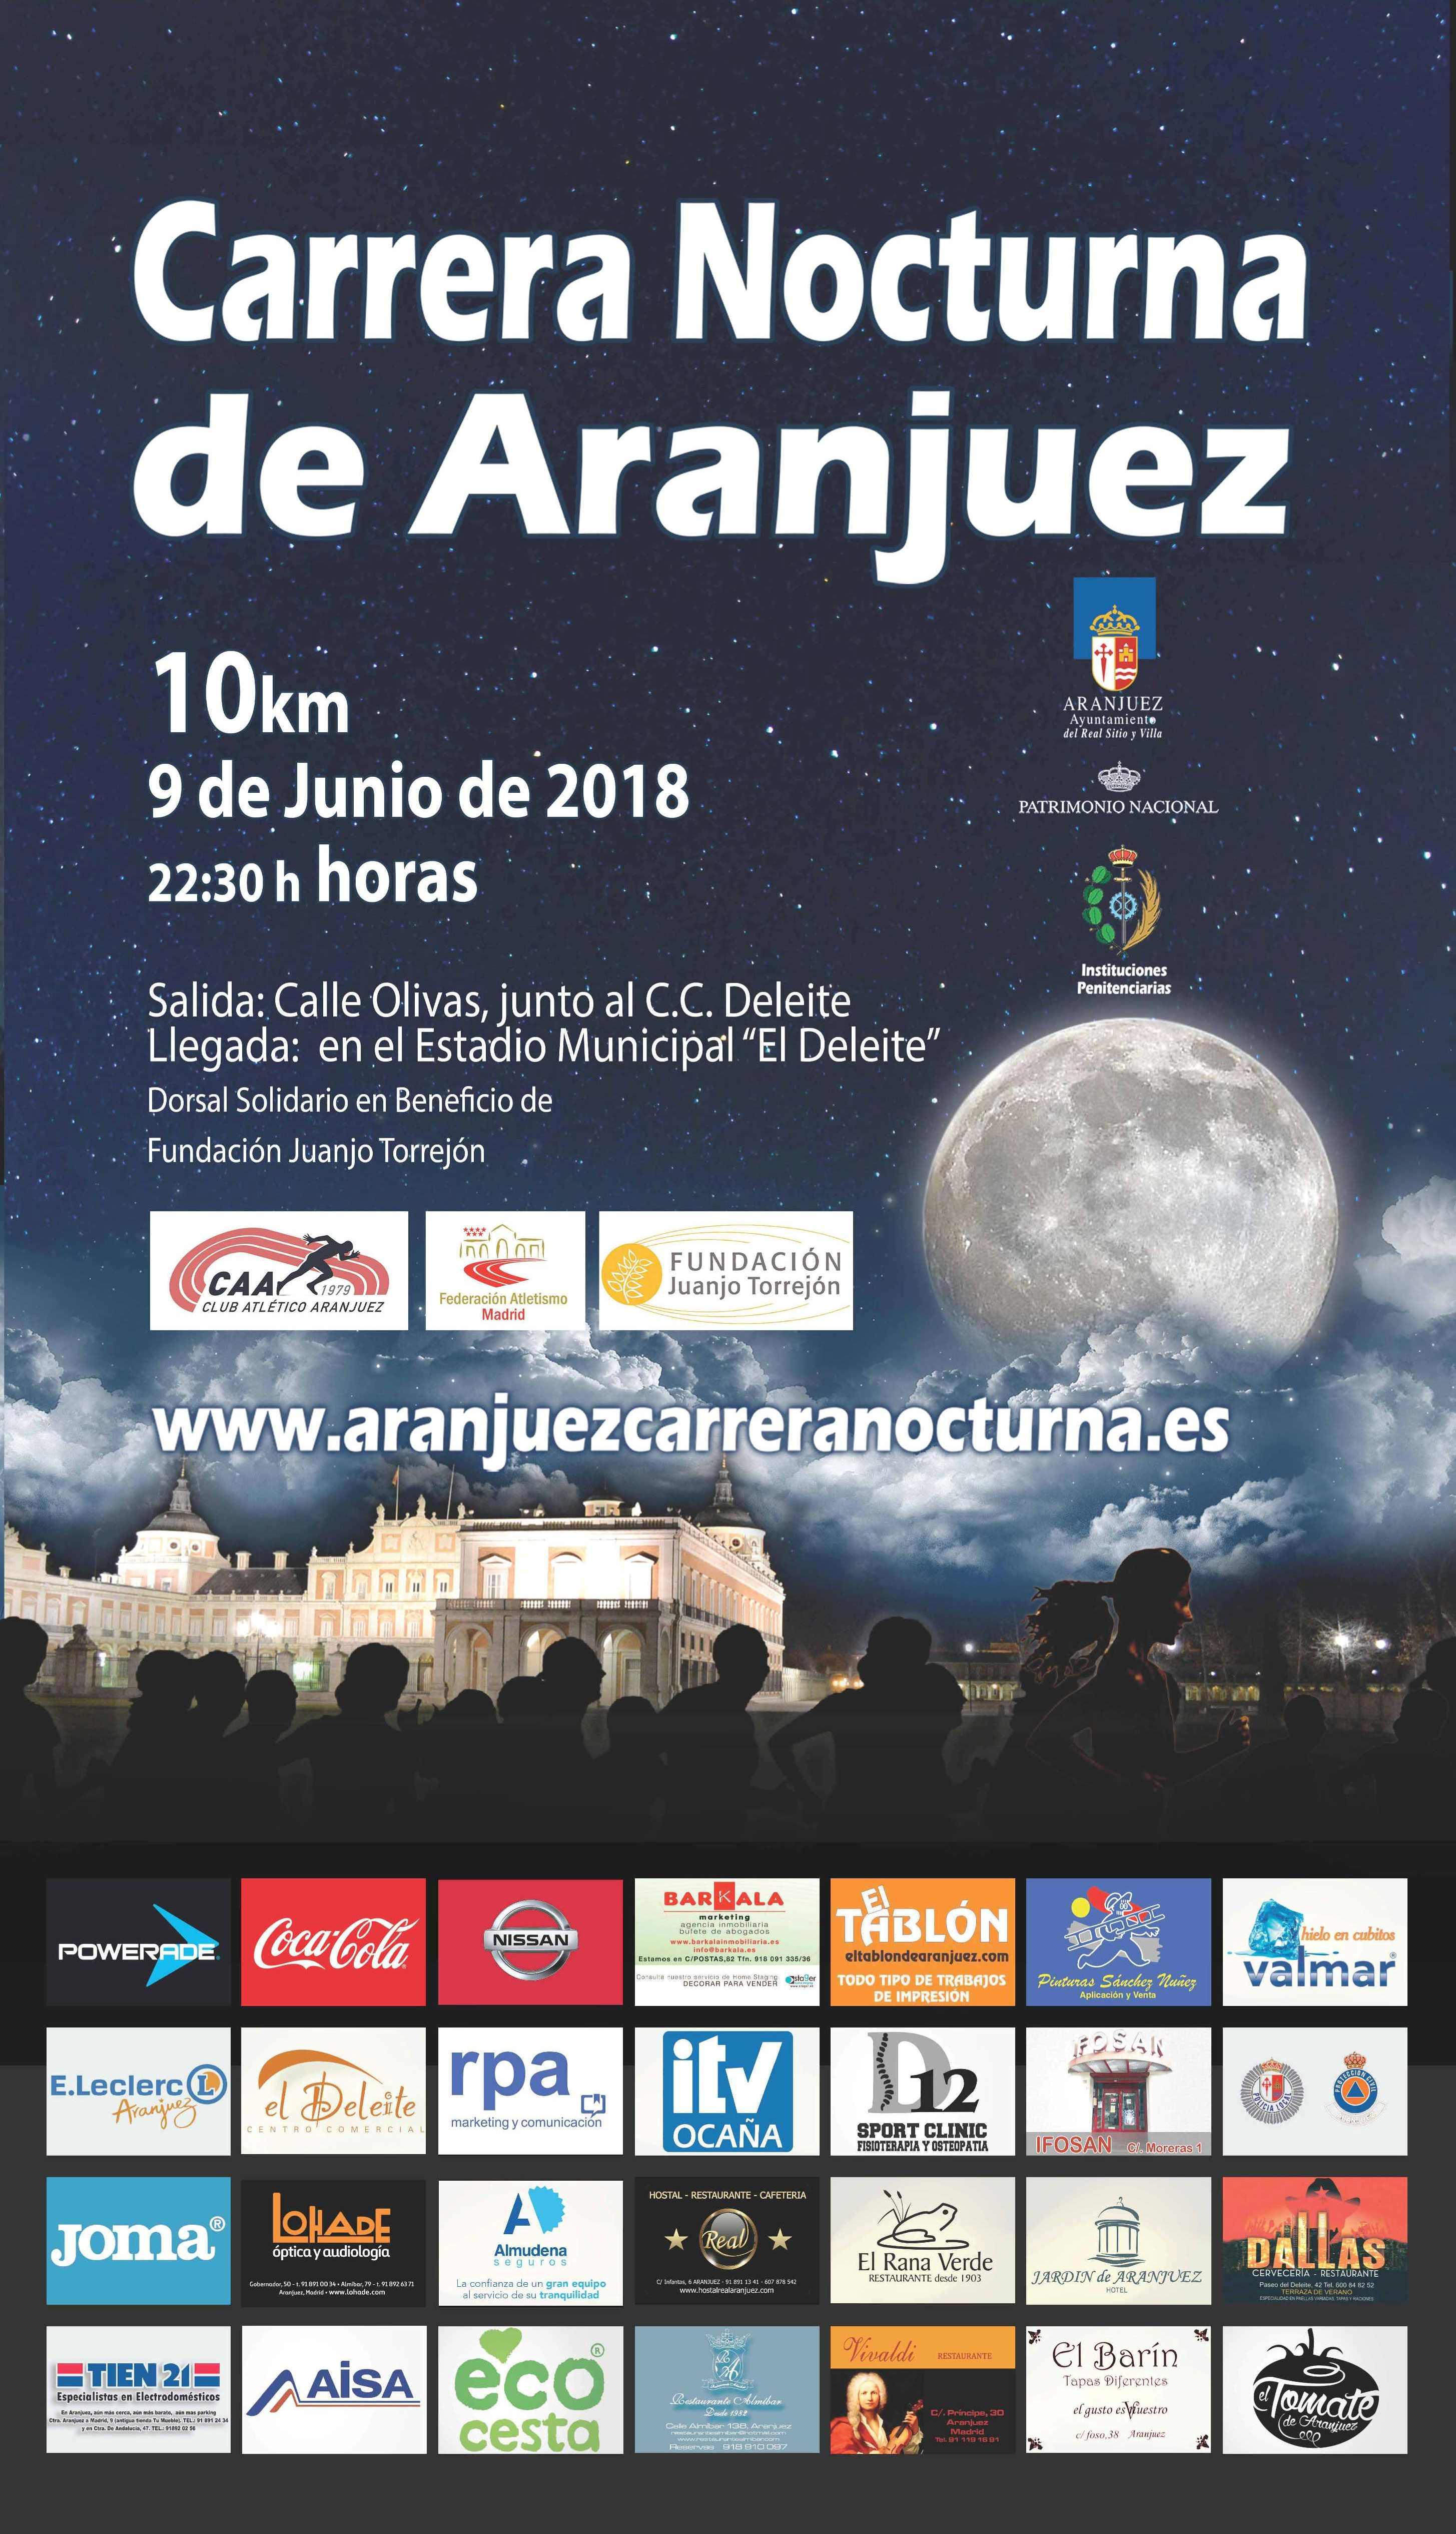 Federacion de atletismo de madrid for Busco trabajo en aranjuez